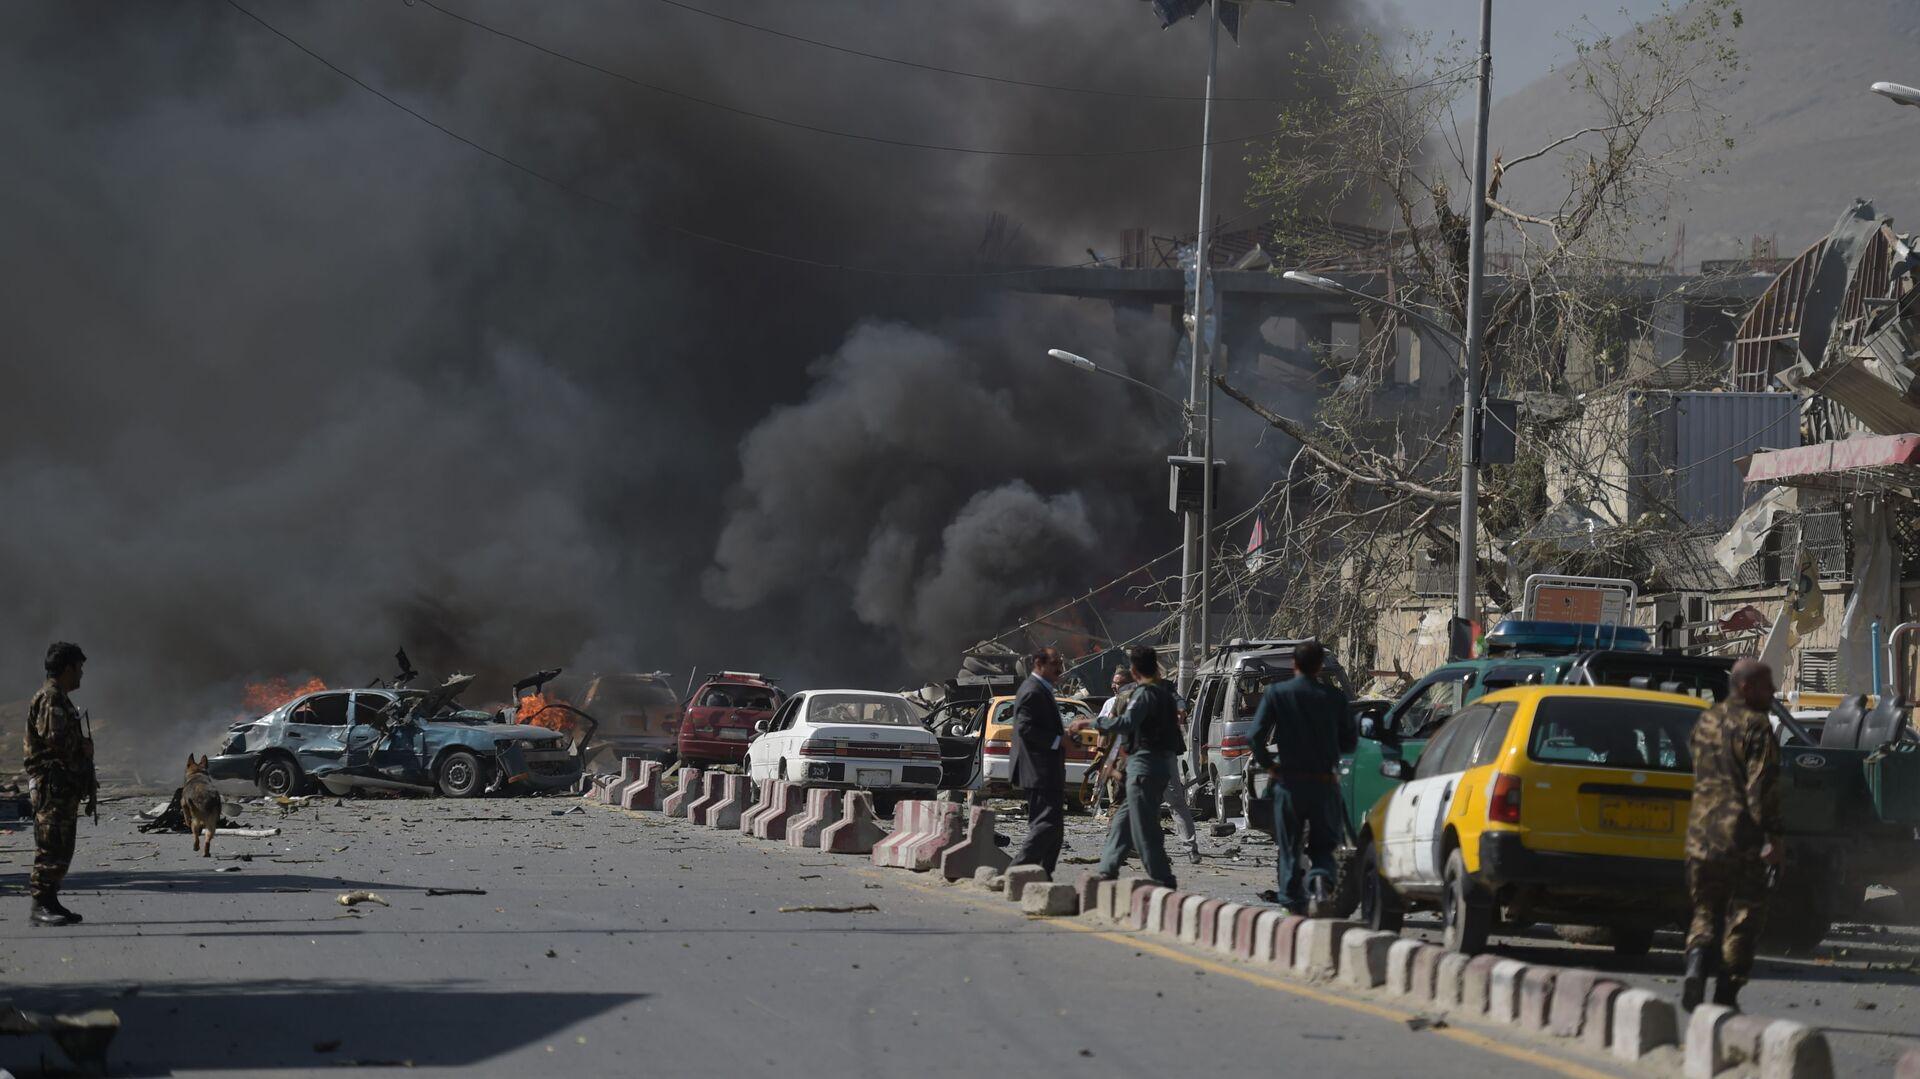 Místo výbuchu v Kábulu, Afghánistán - Sputnik Česká republika, 1920, 18.09.2021